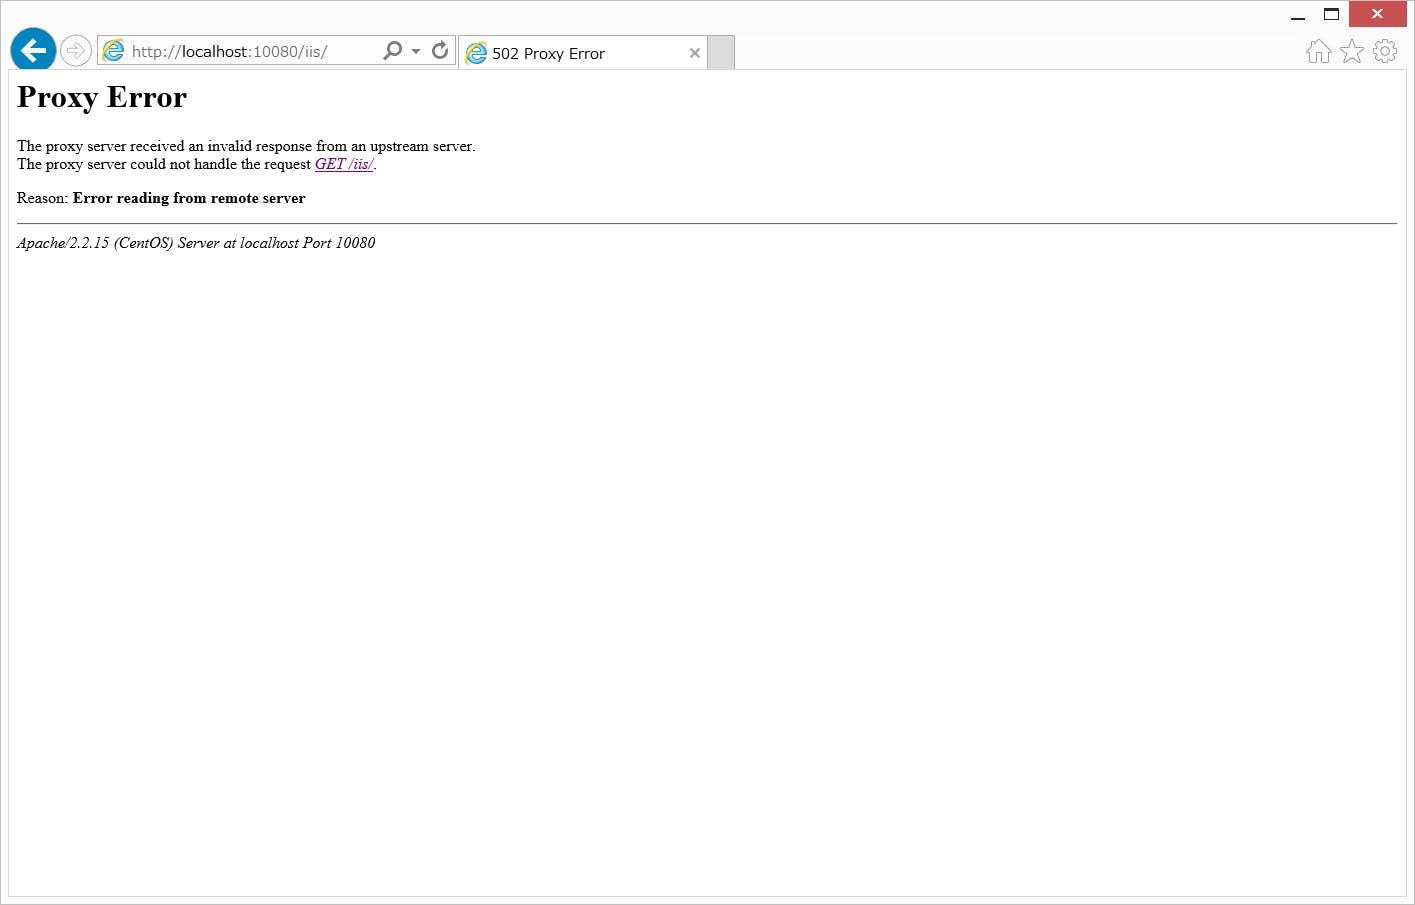 Apacheを用いたReverseProxyでのProxy Error(502)について - Qiita